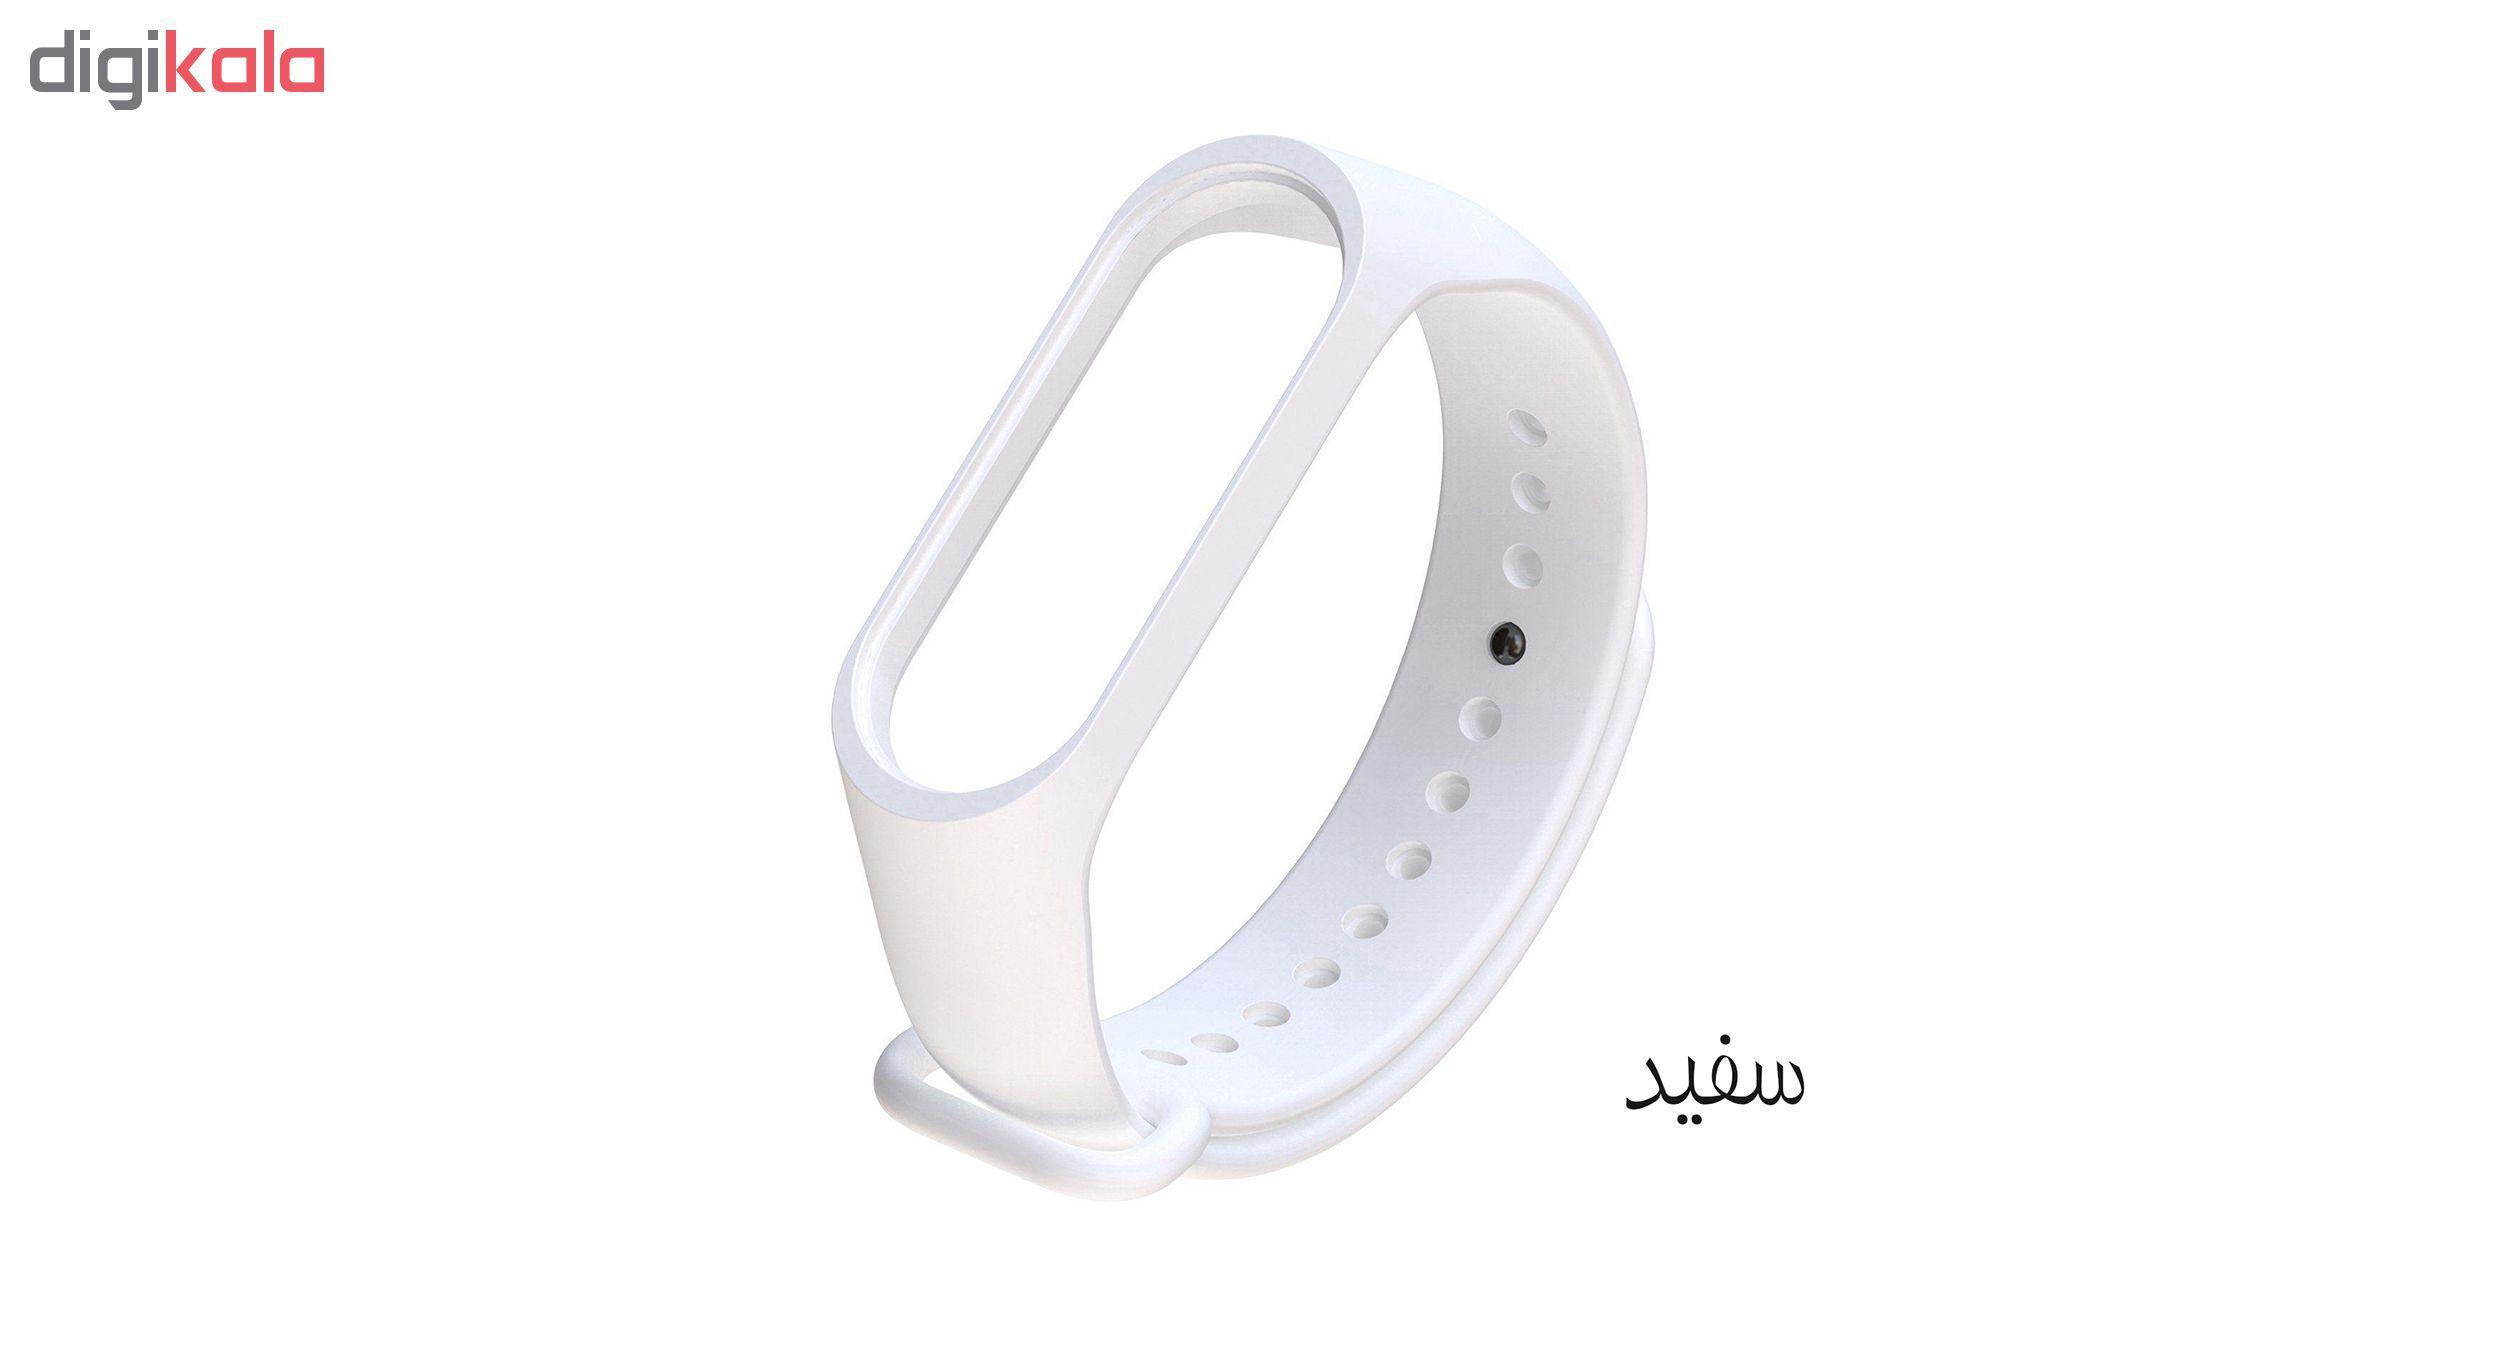 بند مچ بند هوشمند سومگ مدل SMG-S1 مناسب برای مچ بند هوشمند شیائومی Mi Band 3 و M3 main 1 1